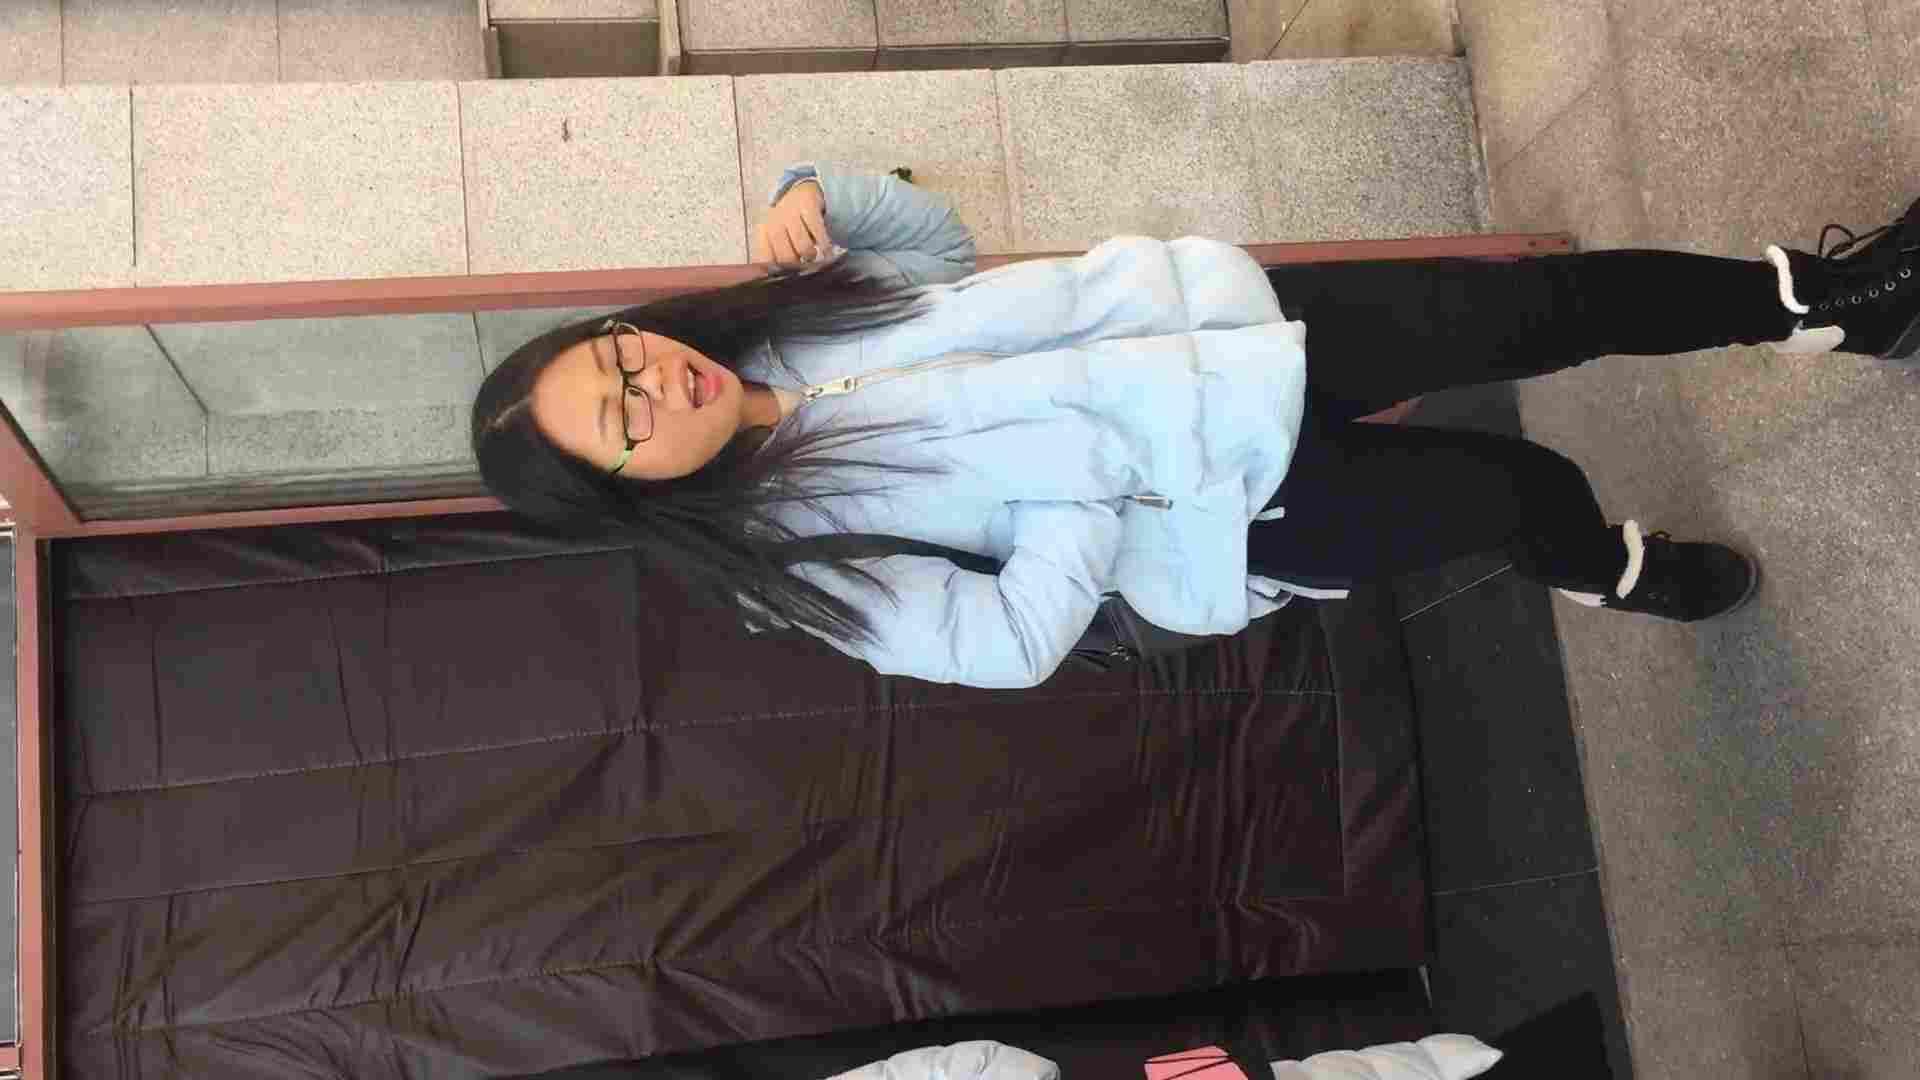 ハメ撮り 芸術大学ガチ潜入盗撮 JD盗撮 美女の洗面所の秘密 Vol.93 怪盗ジョーカー